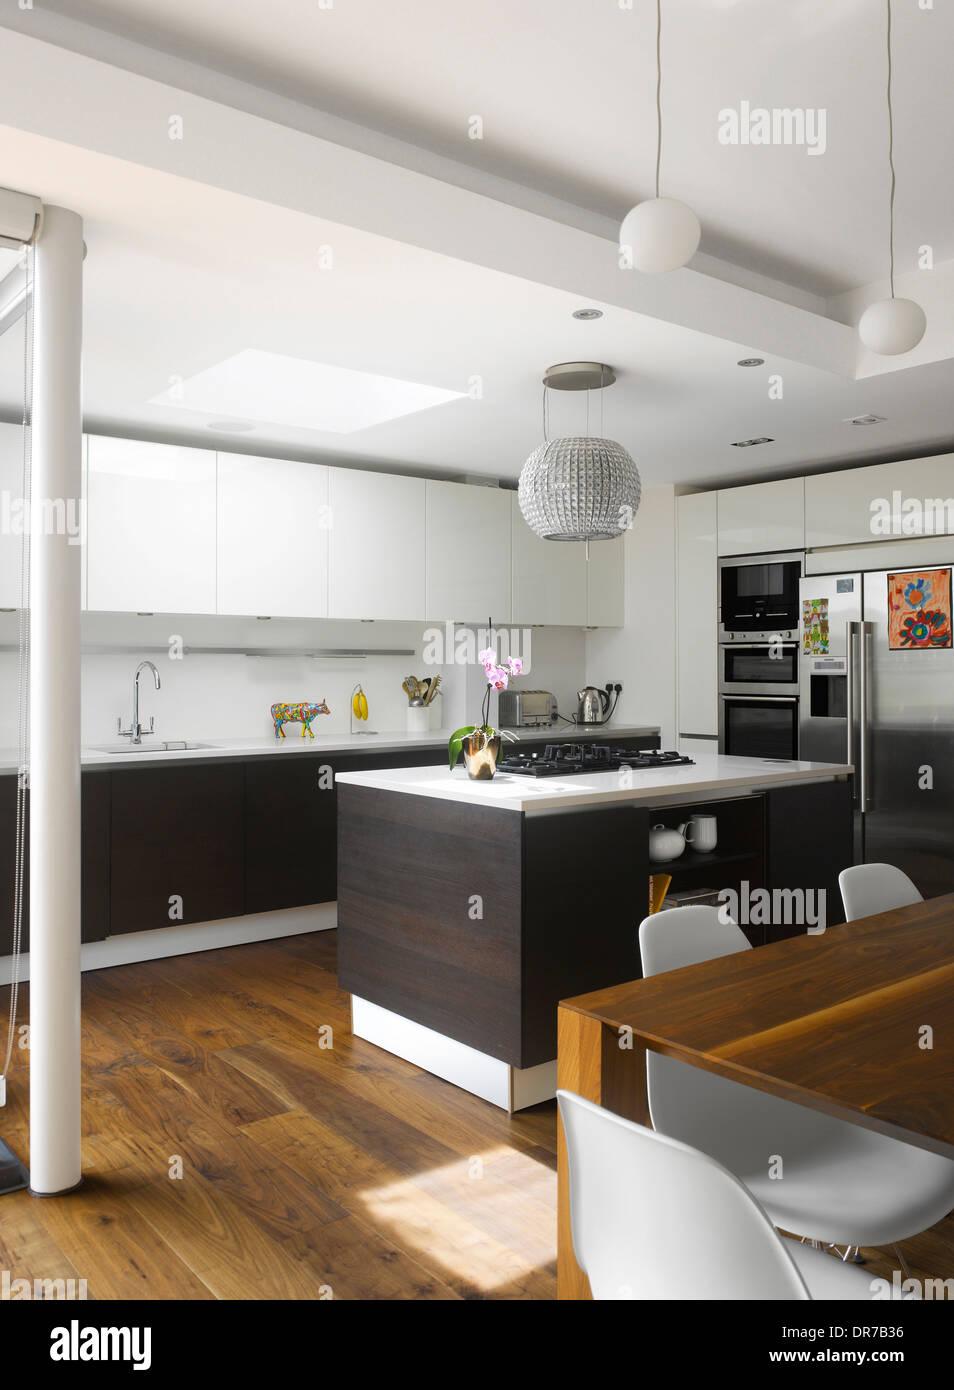 Moderne Küche Mit Insel Einheit Und Weißen Ausgestattet Sind